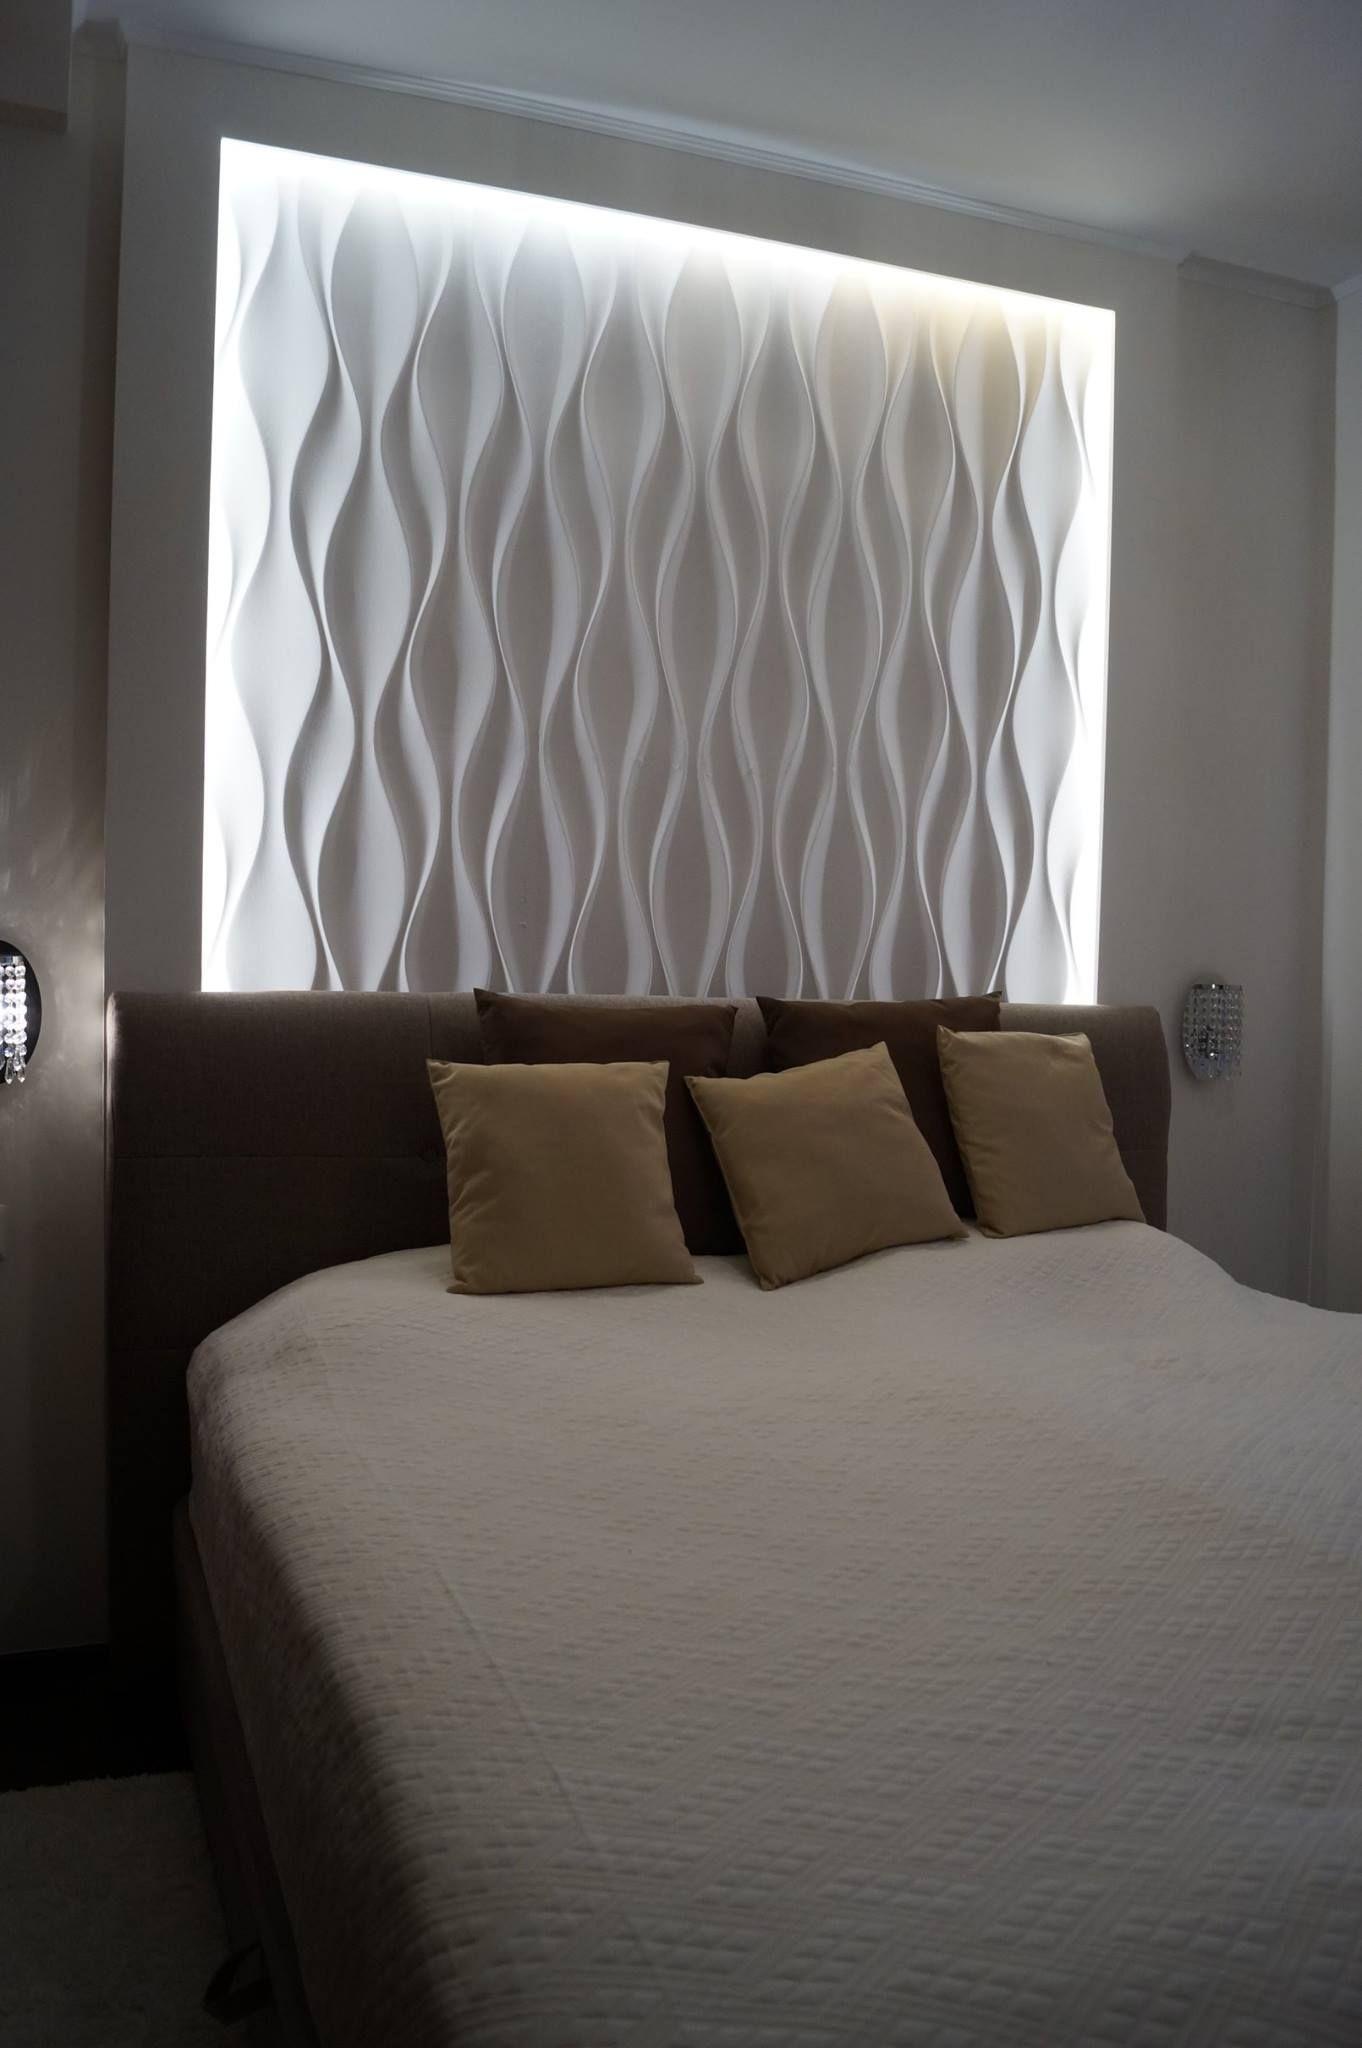 Wandpaneele aus Gips im Schlafzimmer | Schlafzimmer | Pinterest ...